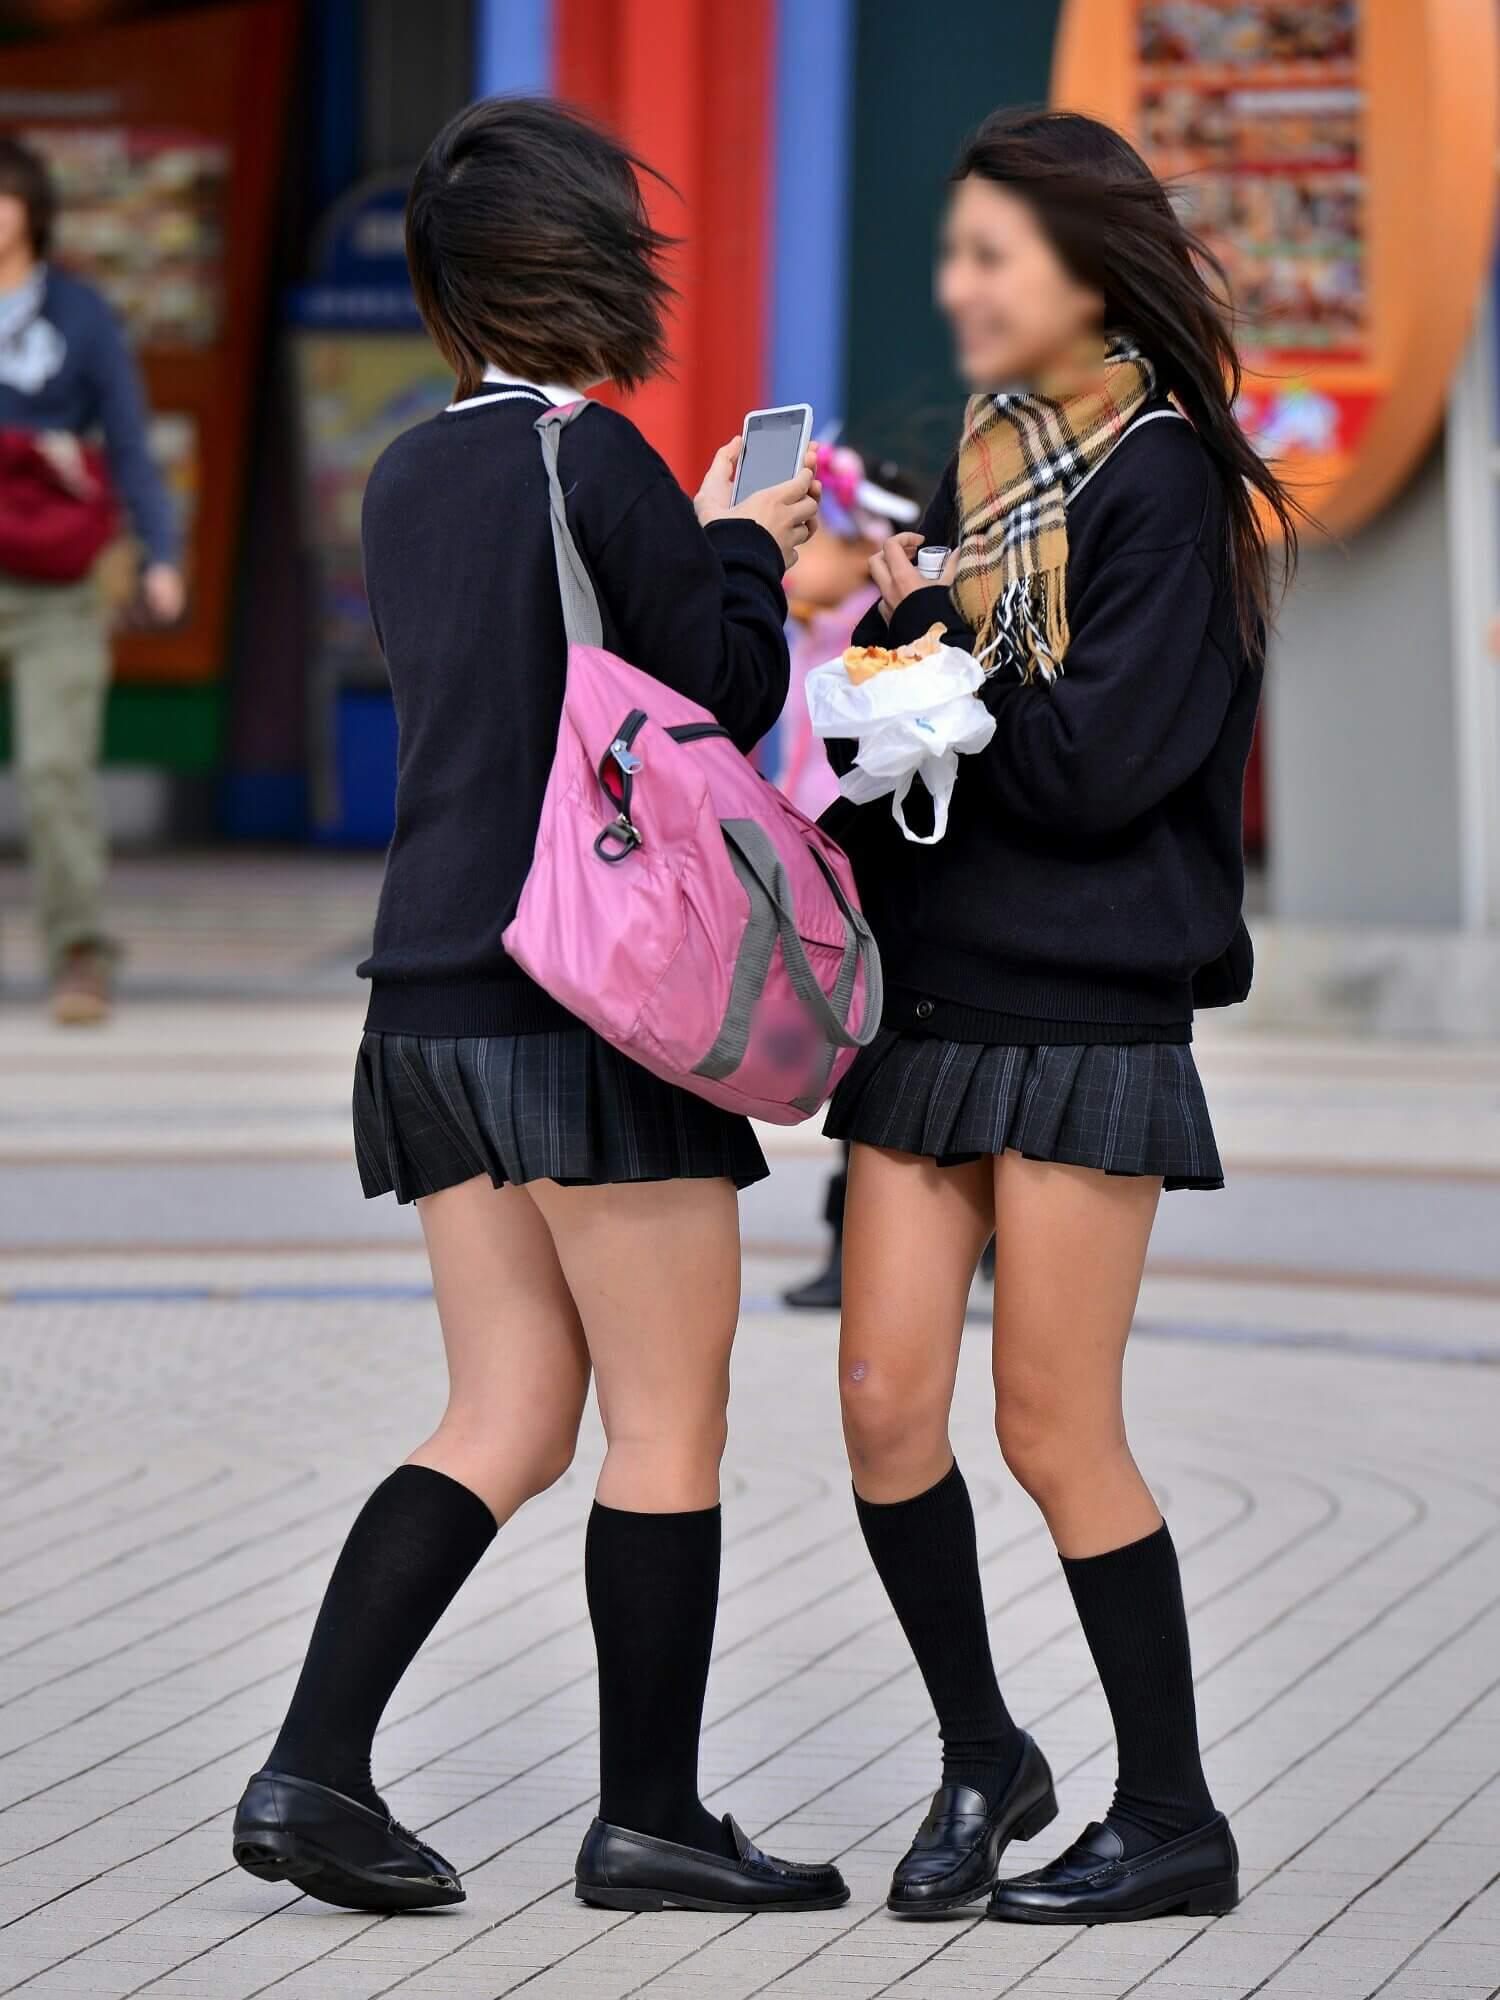 【画像】真冬にエッチなふともも丸出しの女子高生